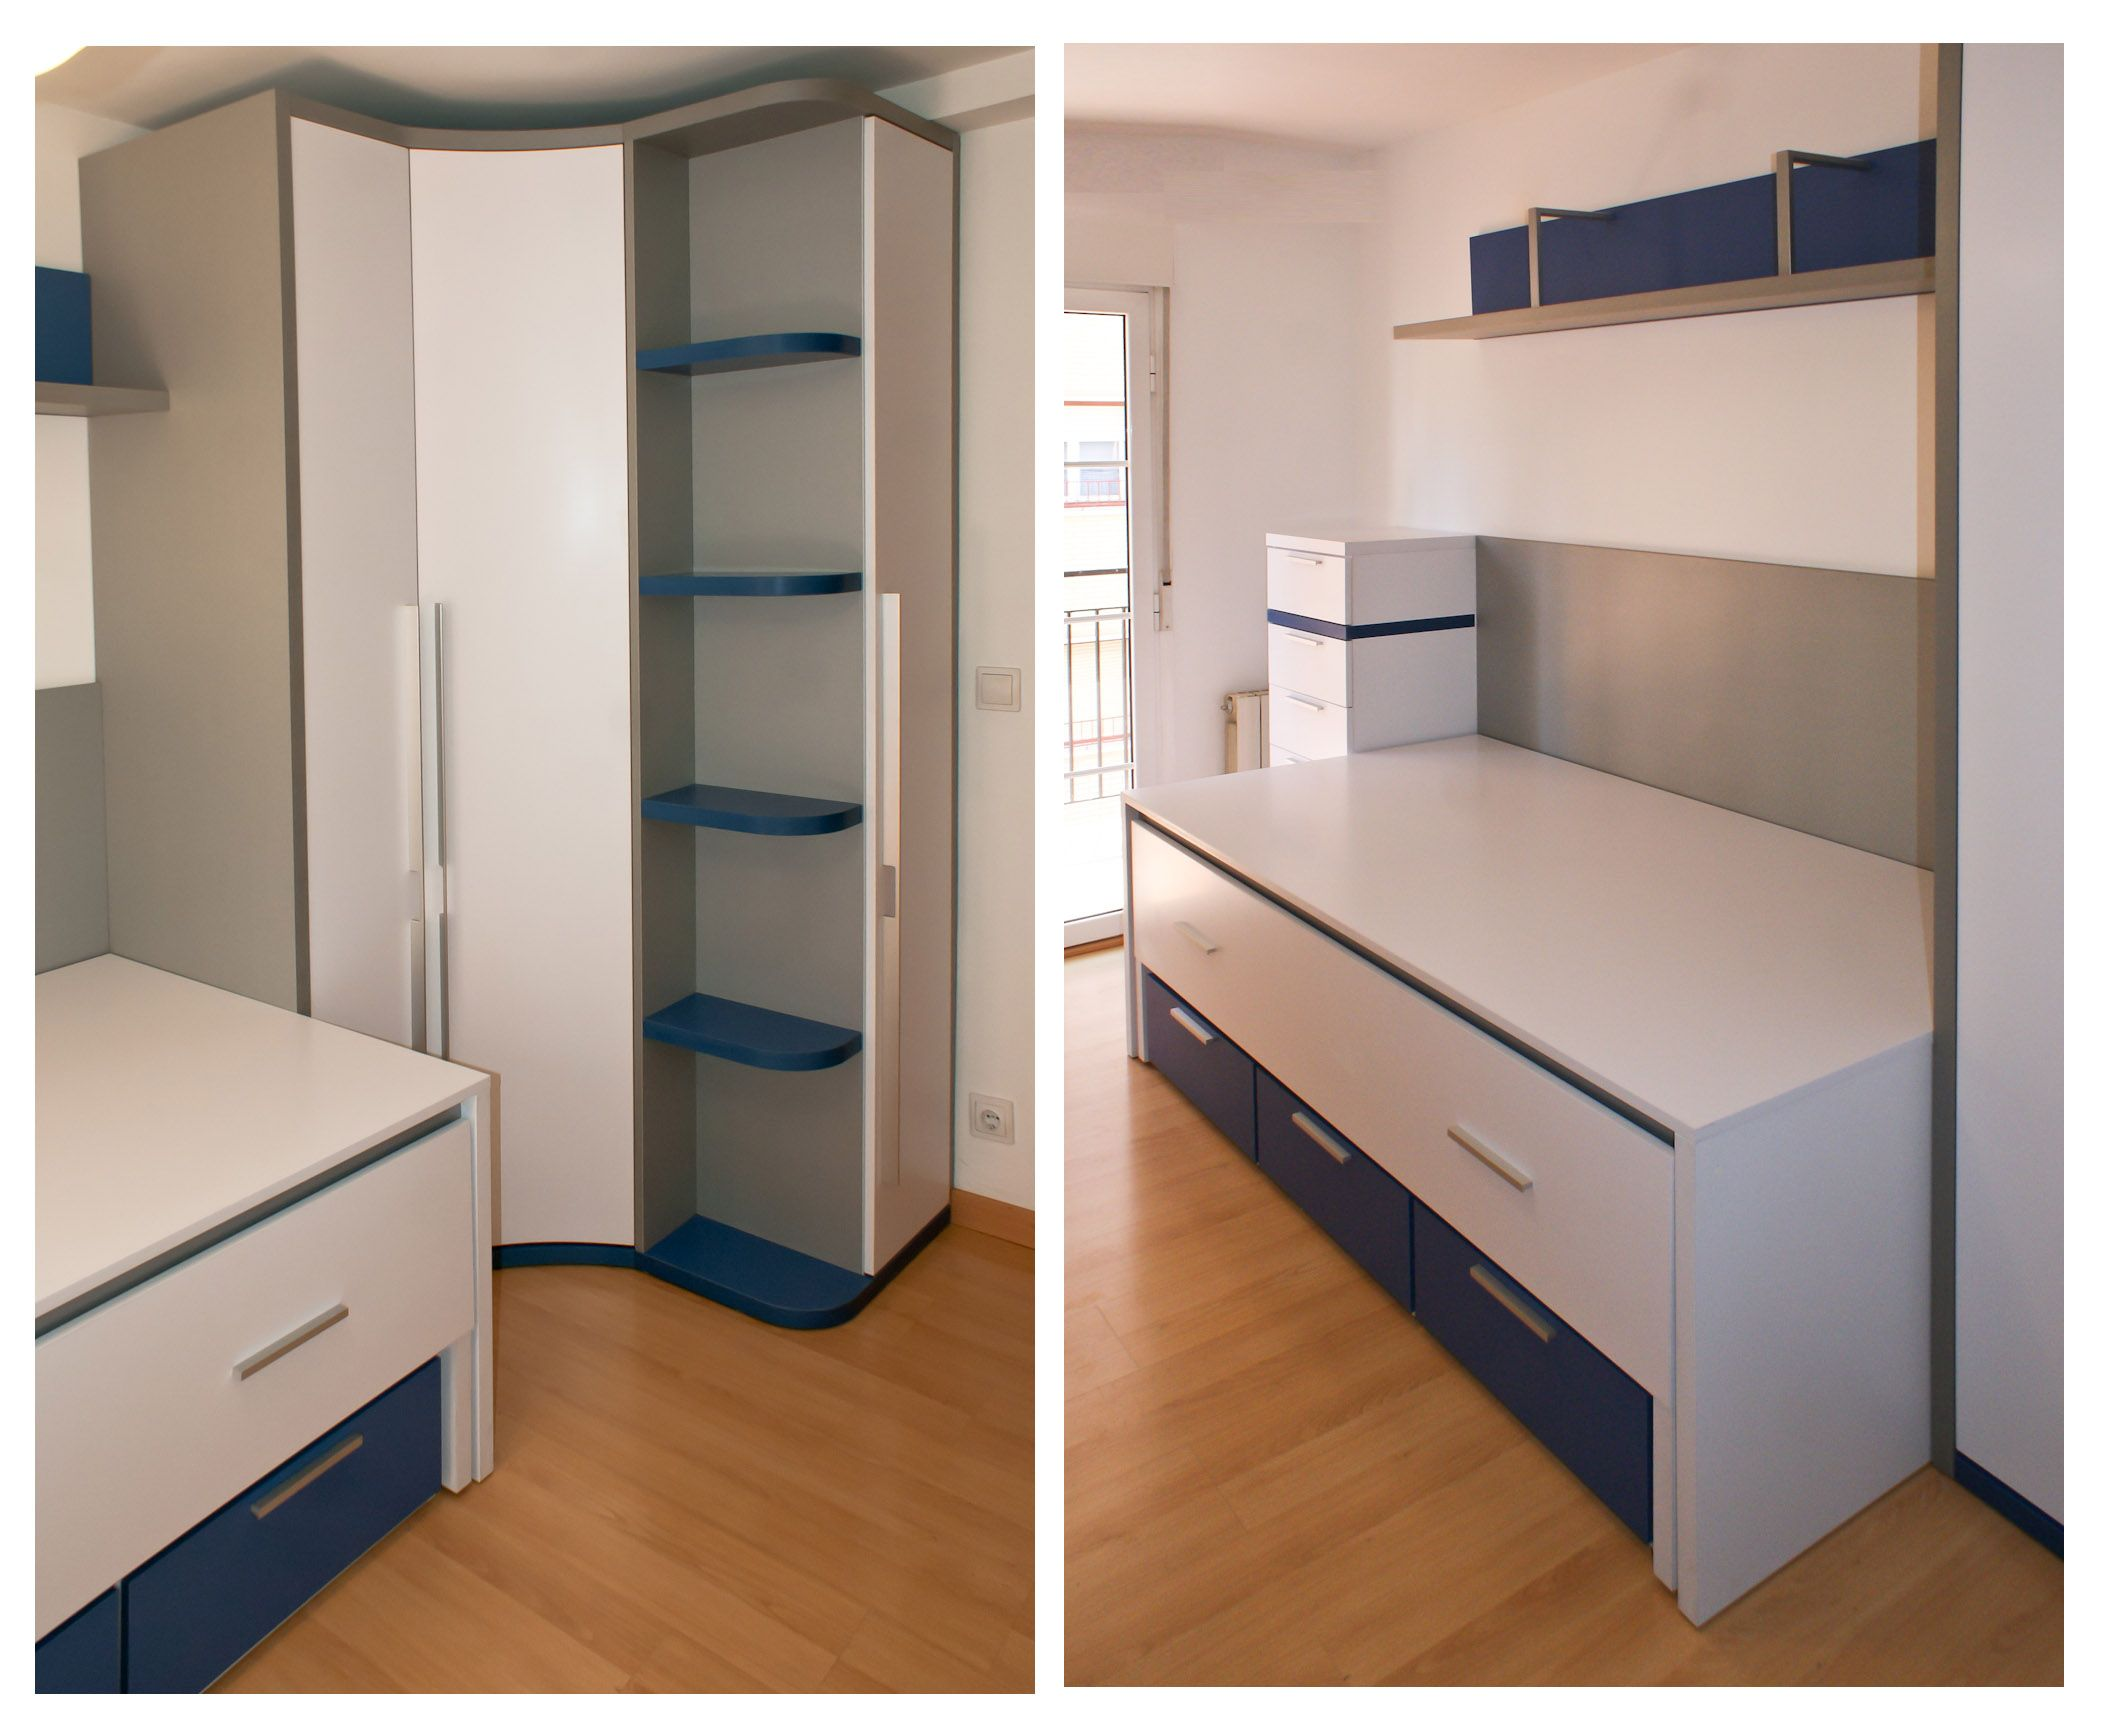 novedades en soluciones mueble juvenil dormitorio juvenil